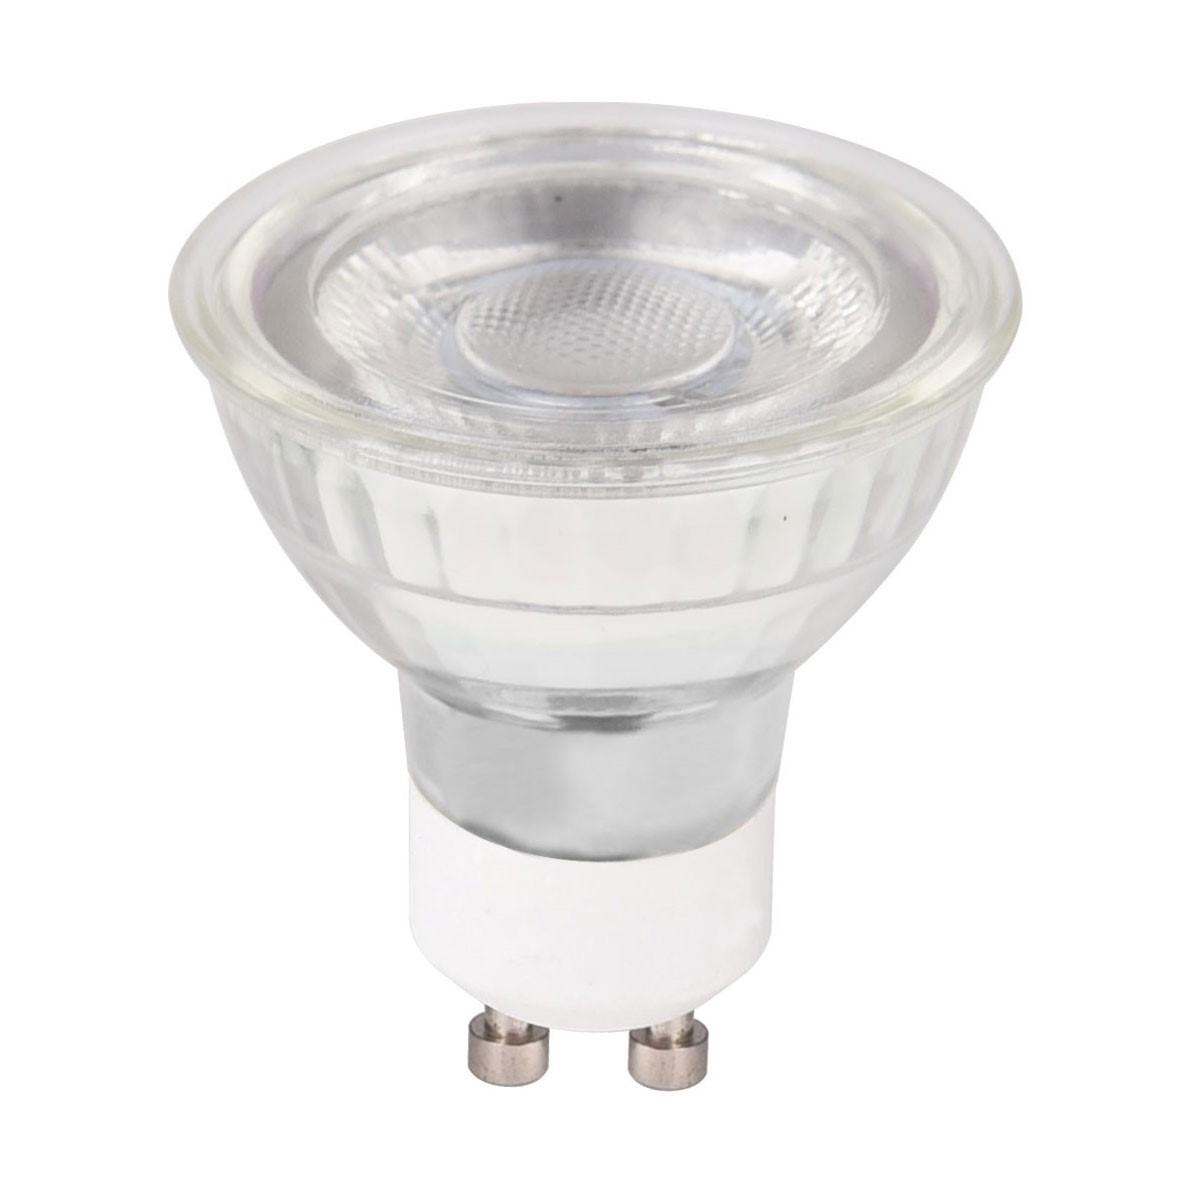 TWILIGHT LED LAMP GLASS  5-40W GU10 5 JAAR GARANTIE